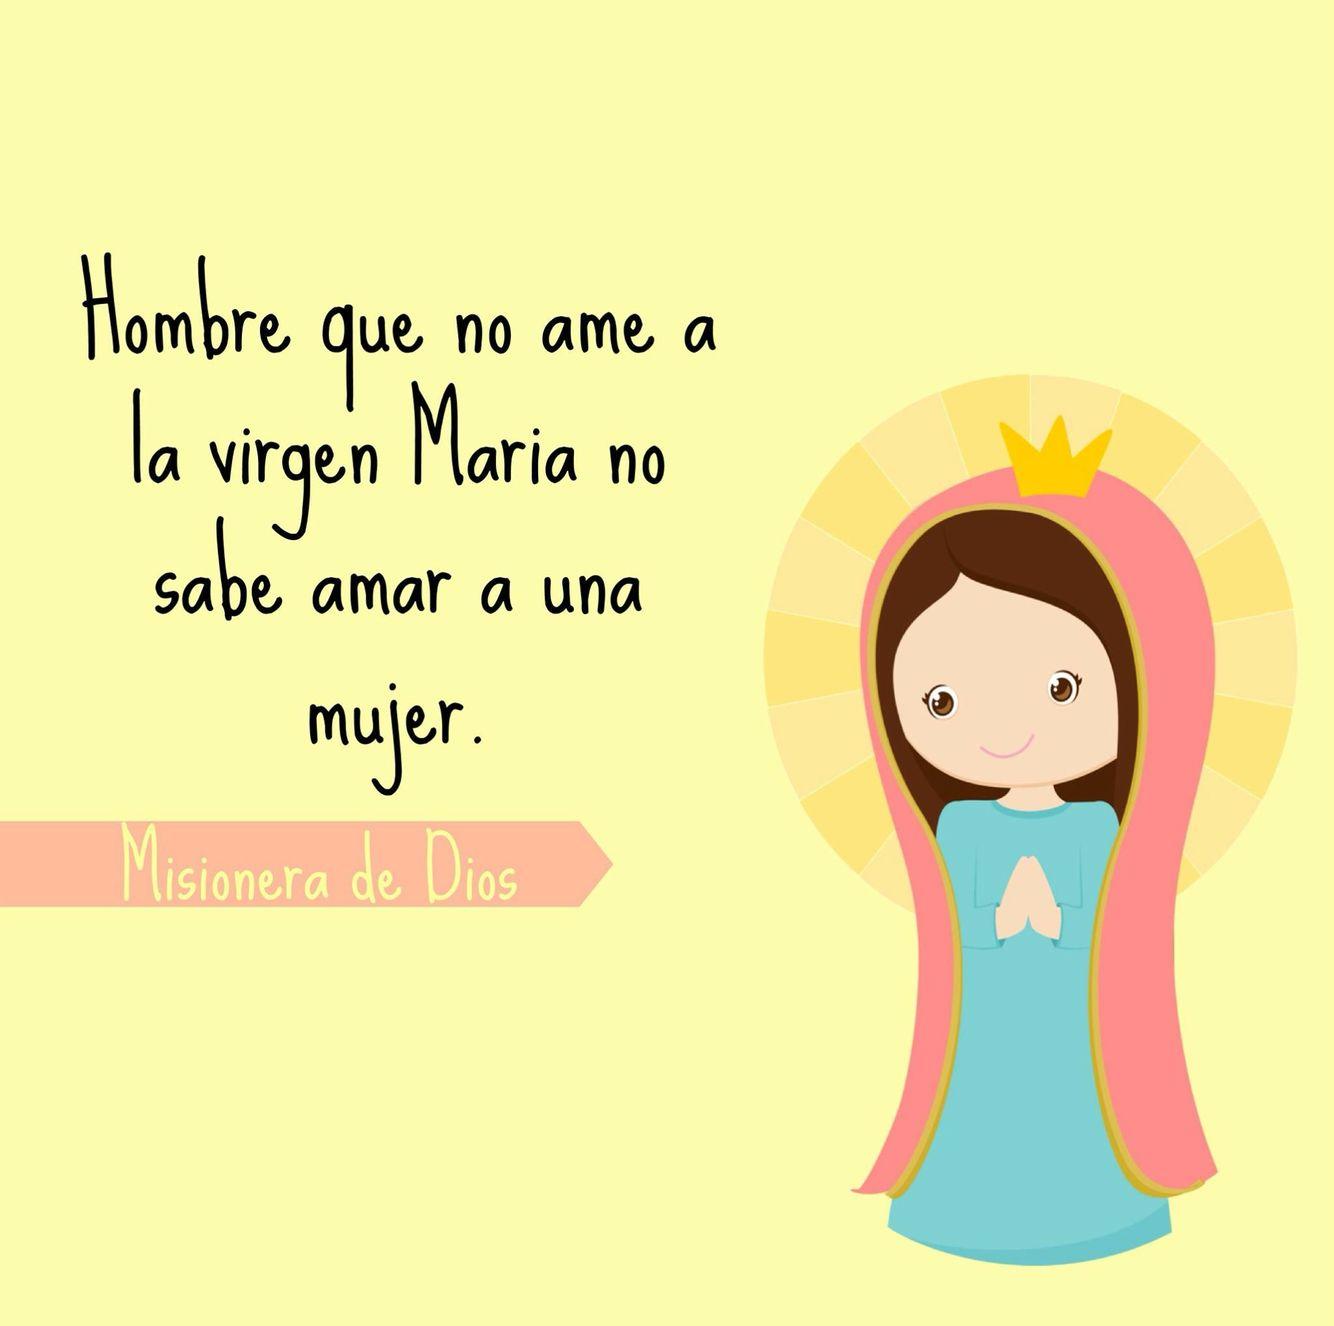 Virgen Mara Mensajes Catolicos La Cristiana Frases De Diosas Cita Para Madres Citas Bblicas Oraciones El Amor